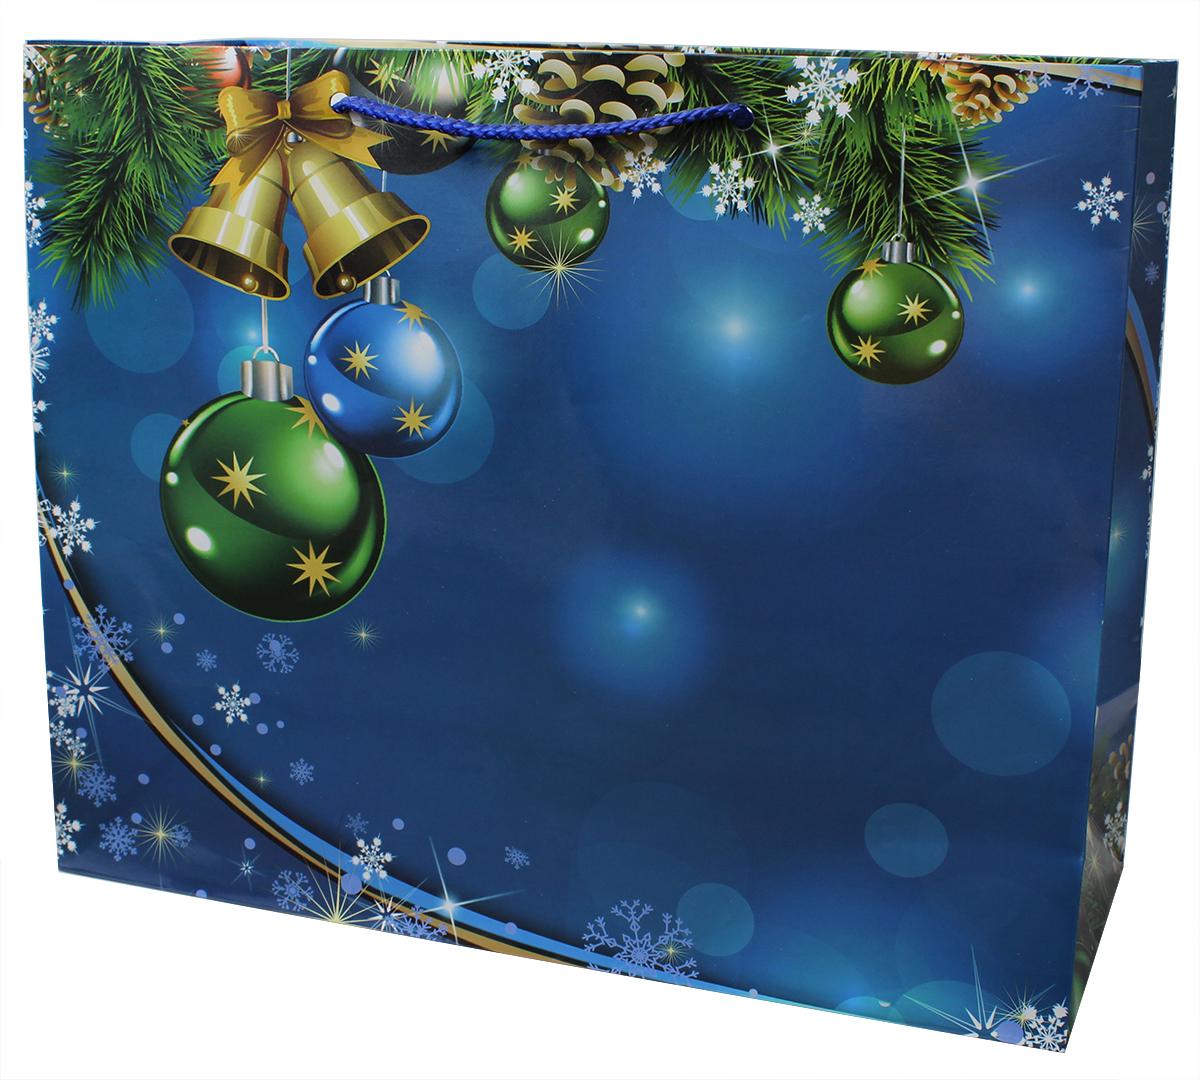 Пакет подарочный Мегамаг, ламинированный, 32,7 х 26,4 х 13,6 см. 885 LH885 LHПакет подарочный ламинированный. Ручки-шнурки.Размер:327 x 264 x 136 мм .